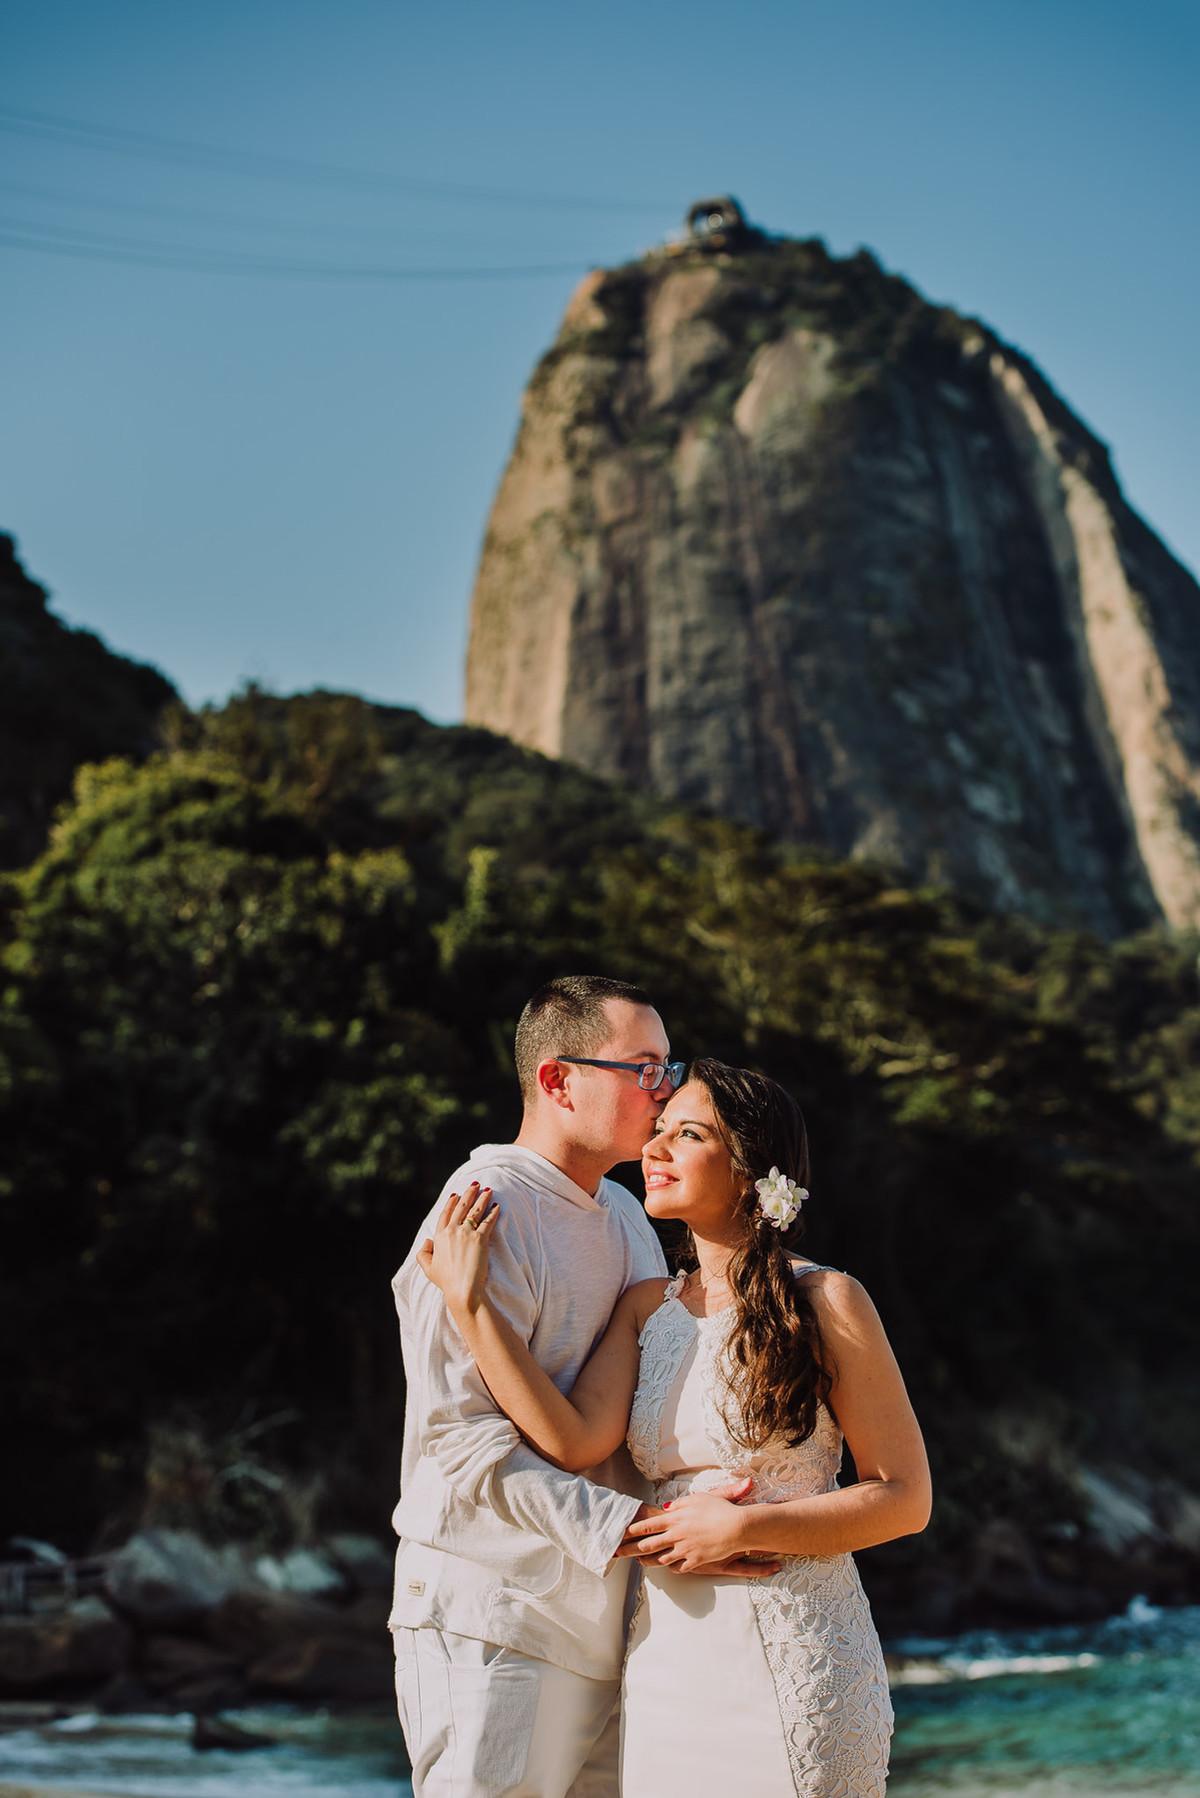 Ensaio do casal de médicos Bruna e Raphael na Praia Vermelha, Rio de Janeiro-RJ